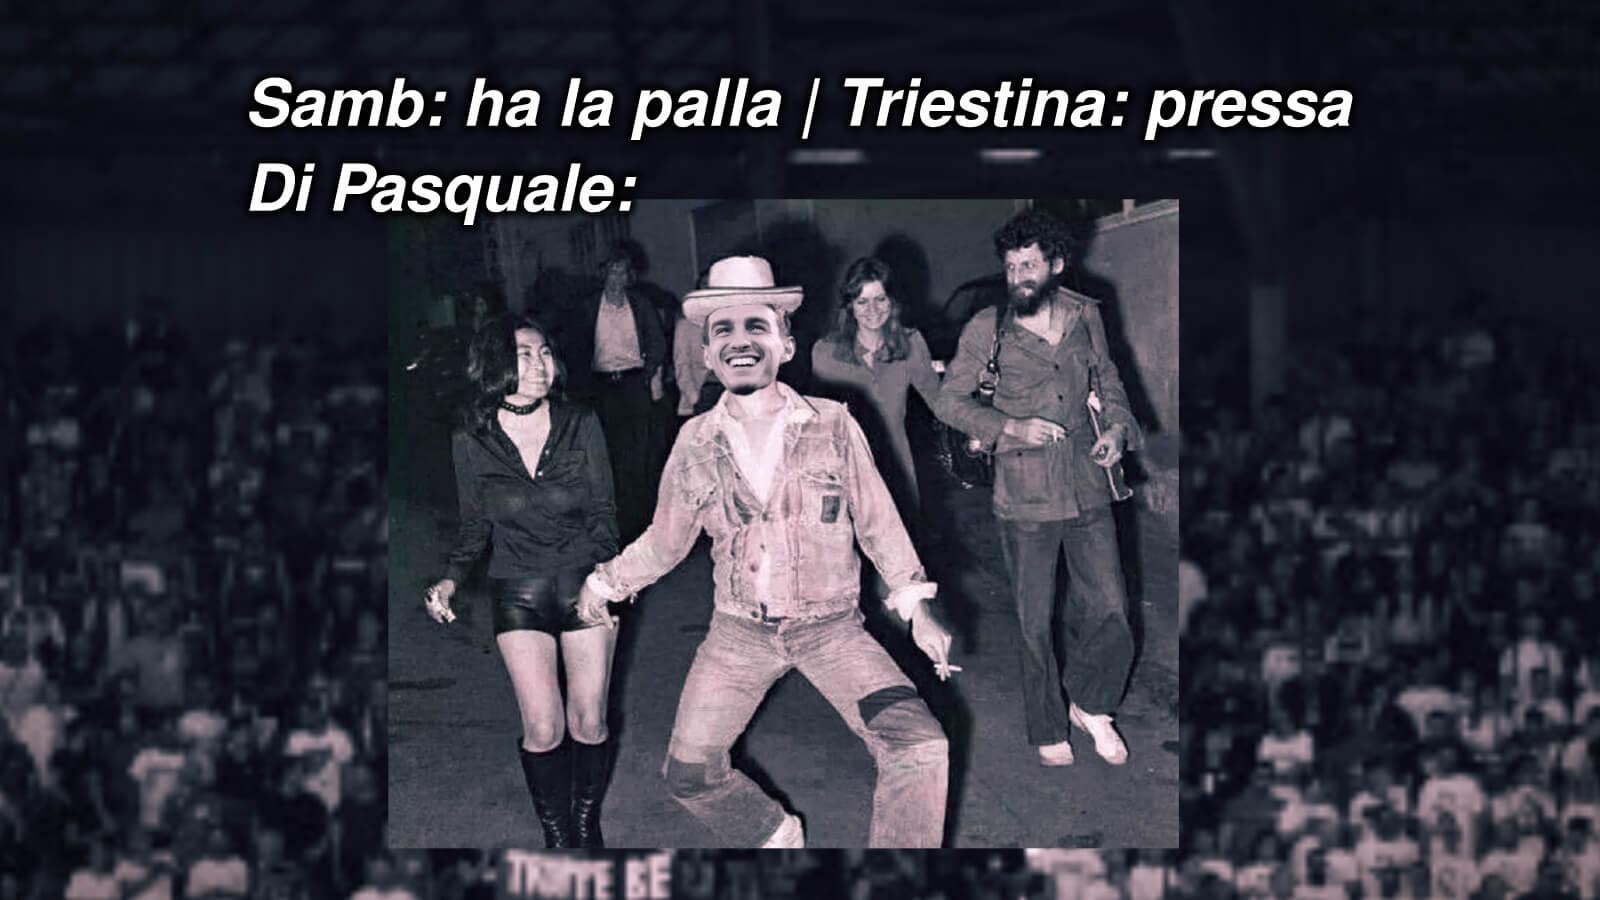 Di Pasquale